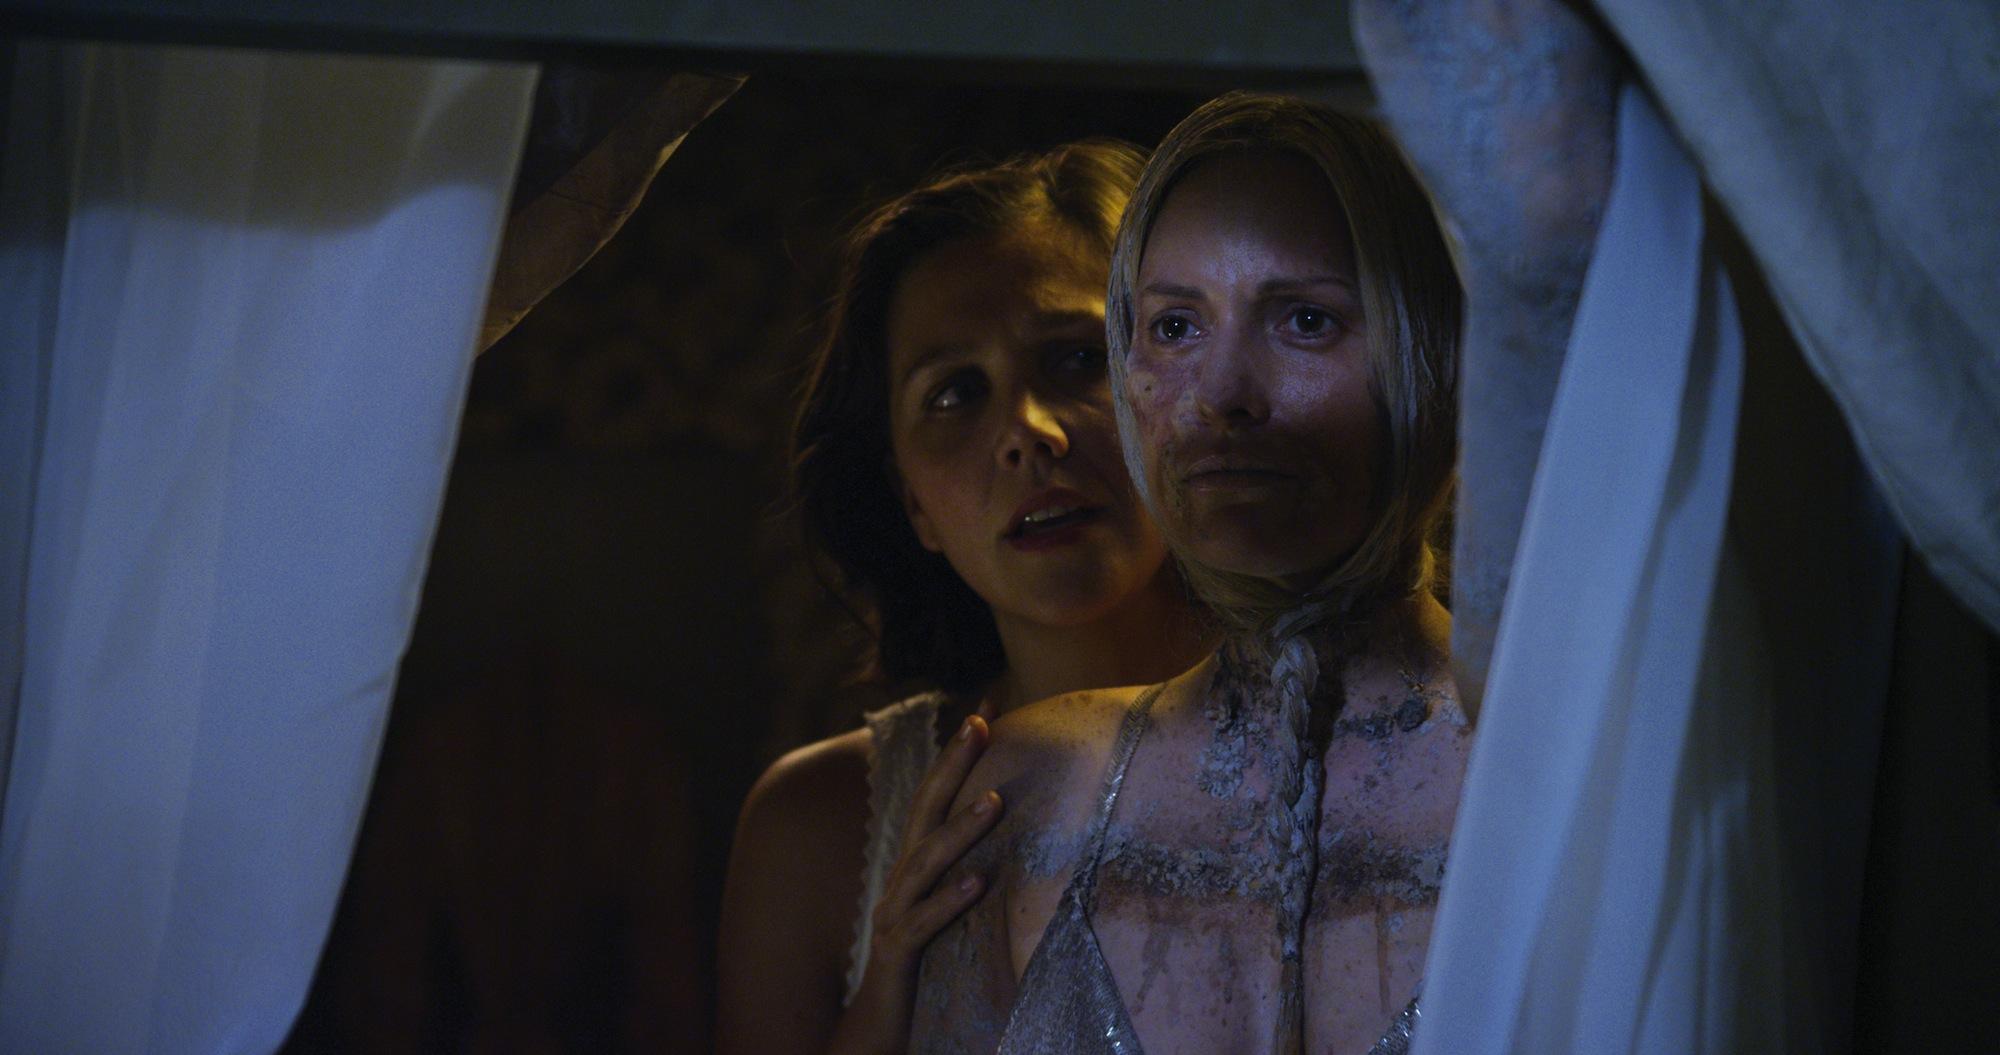 Die Schauspielerin Maggie Gyllenhaal ist nebst vielen anderen New Yorker Berühmtheiten mit von der Partie.